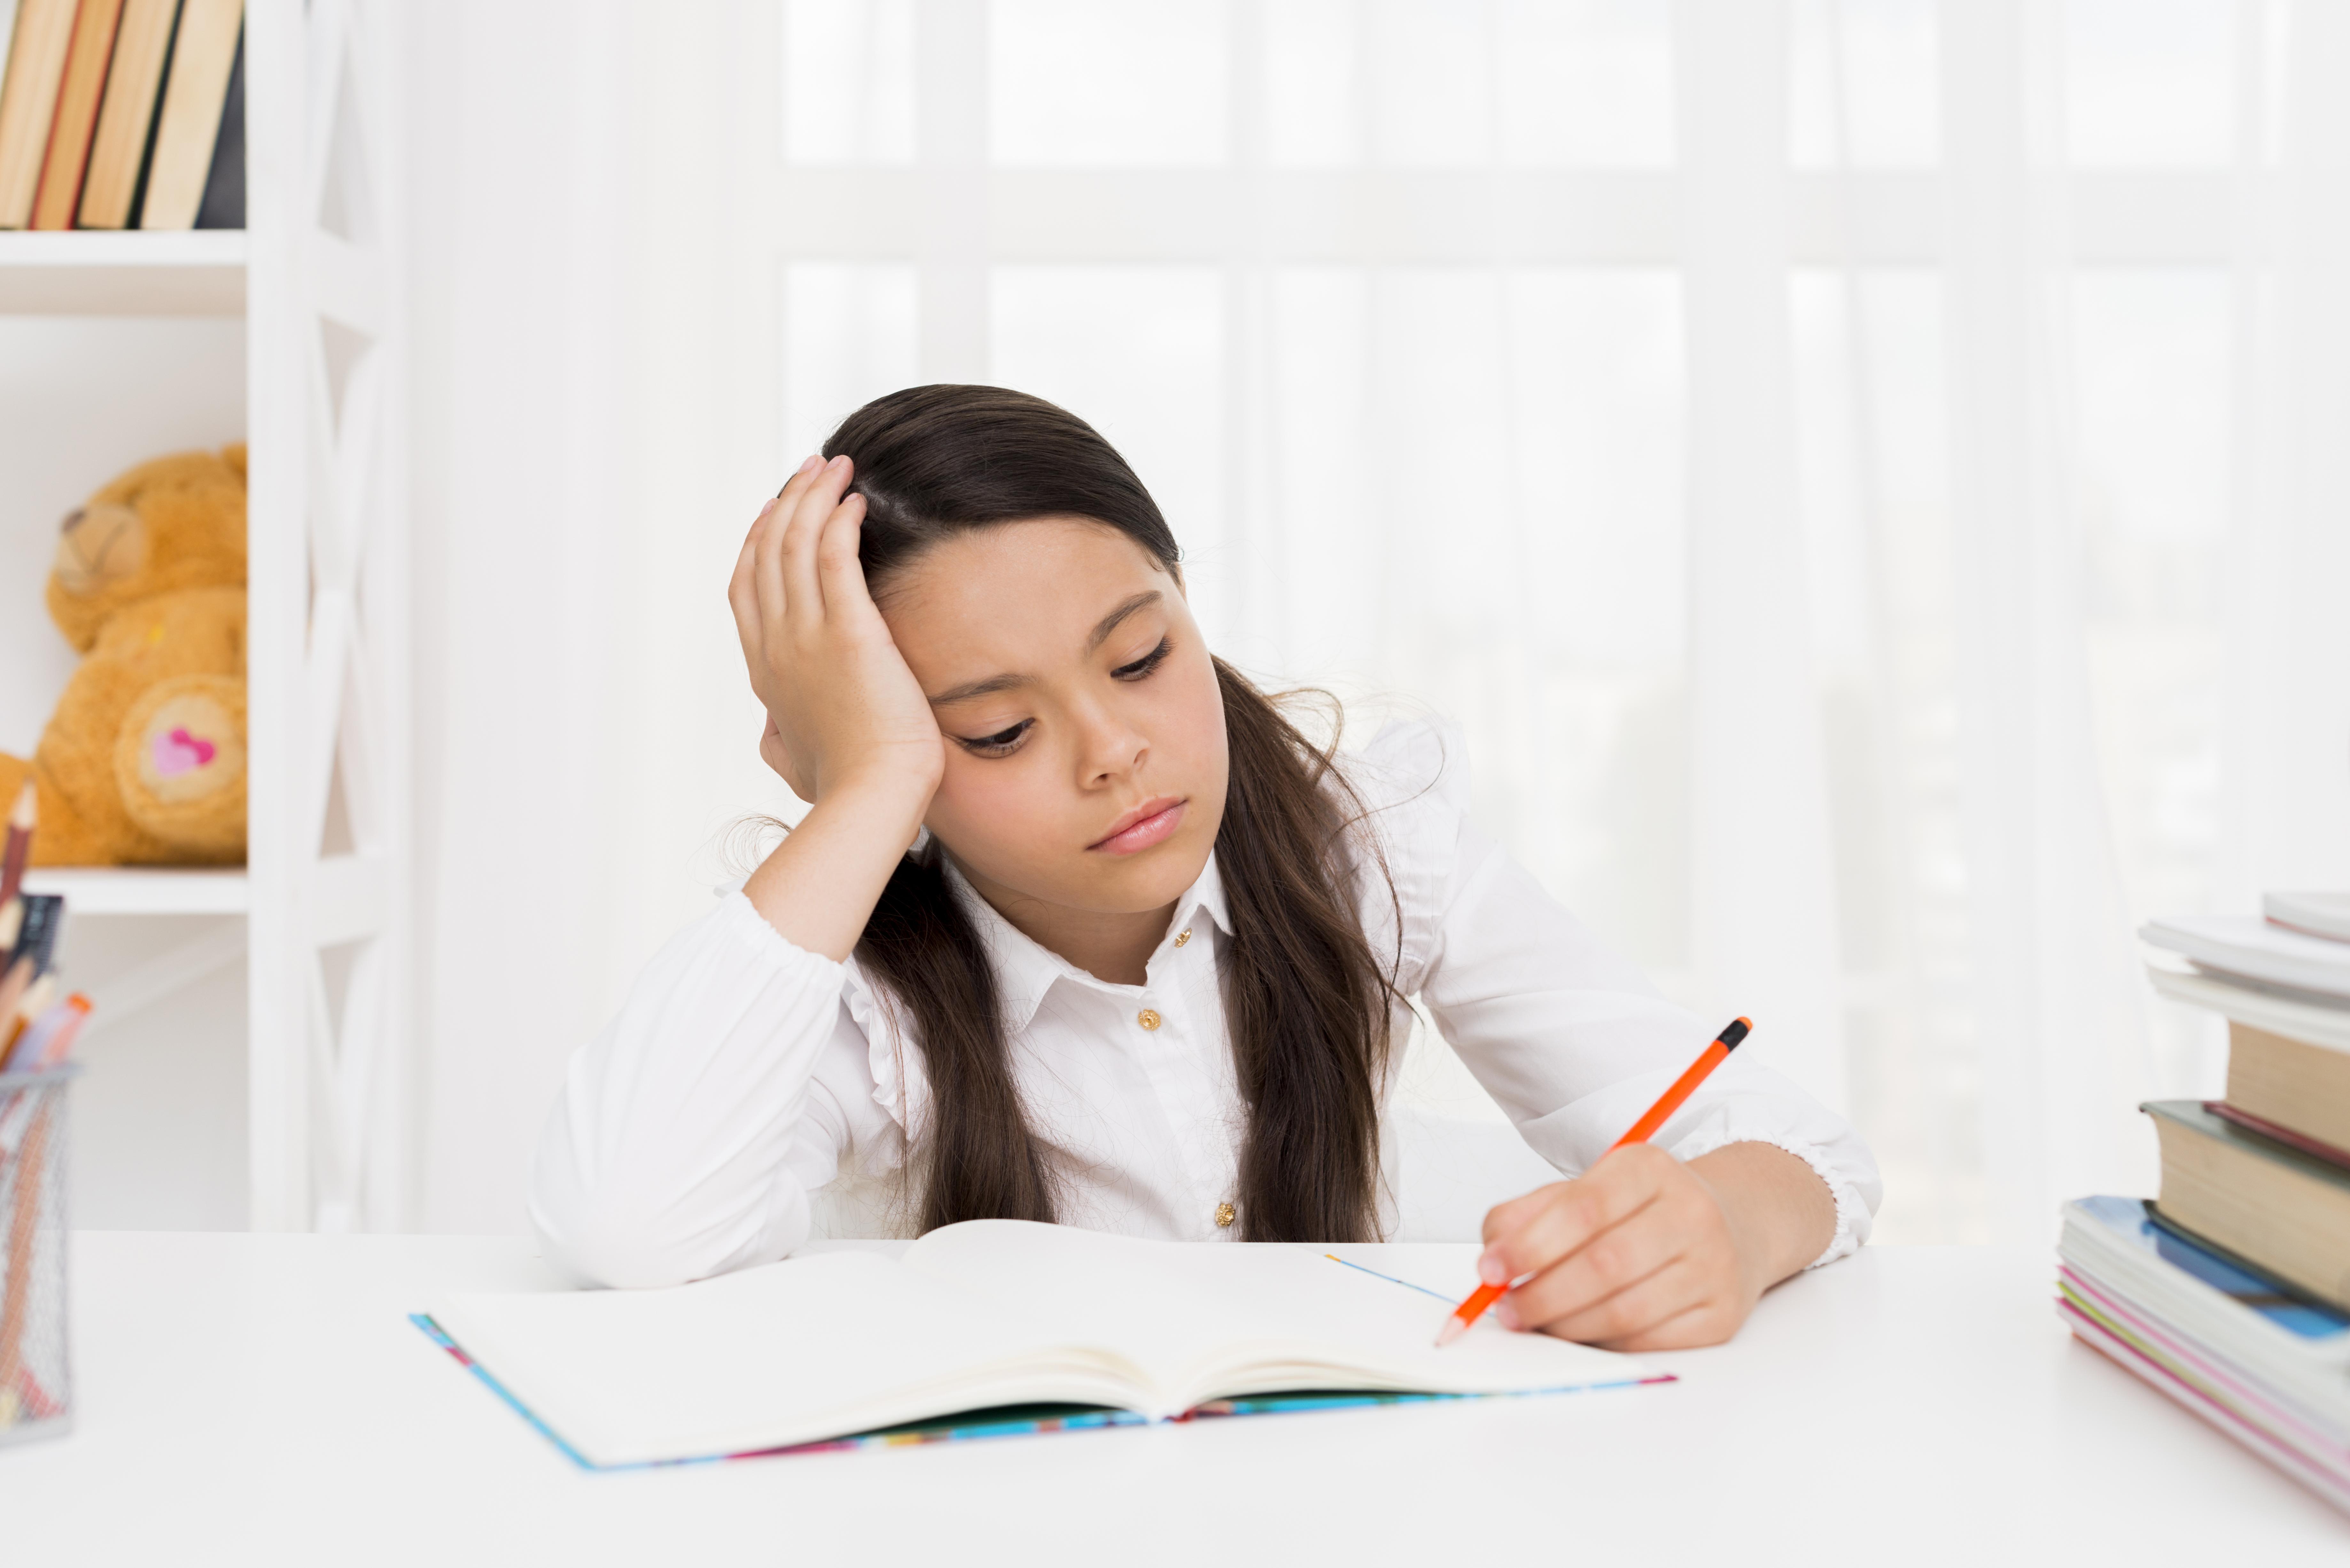 Ratunku! Moje dziecko nie chce się uczyć angielskiego!